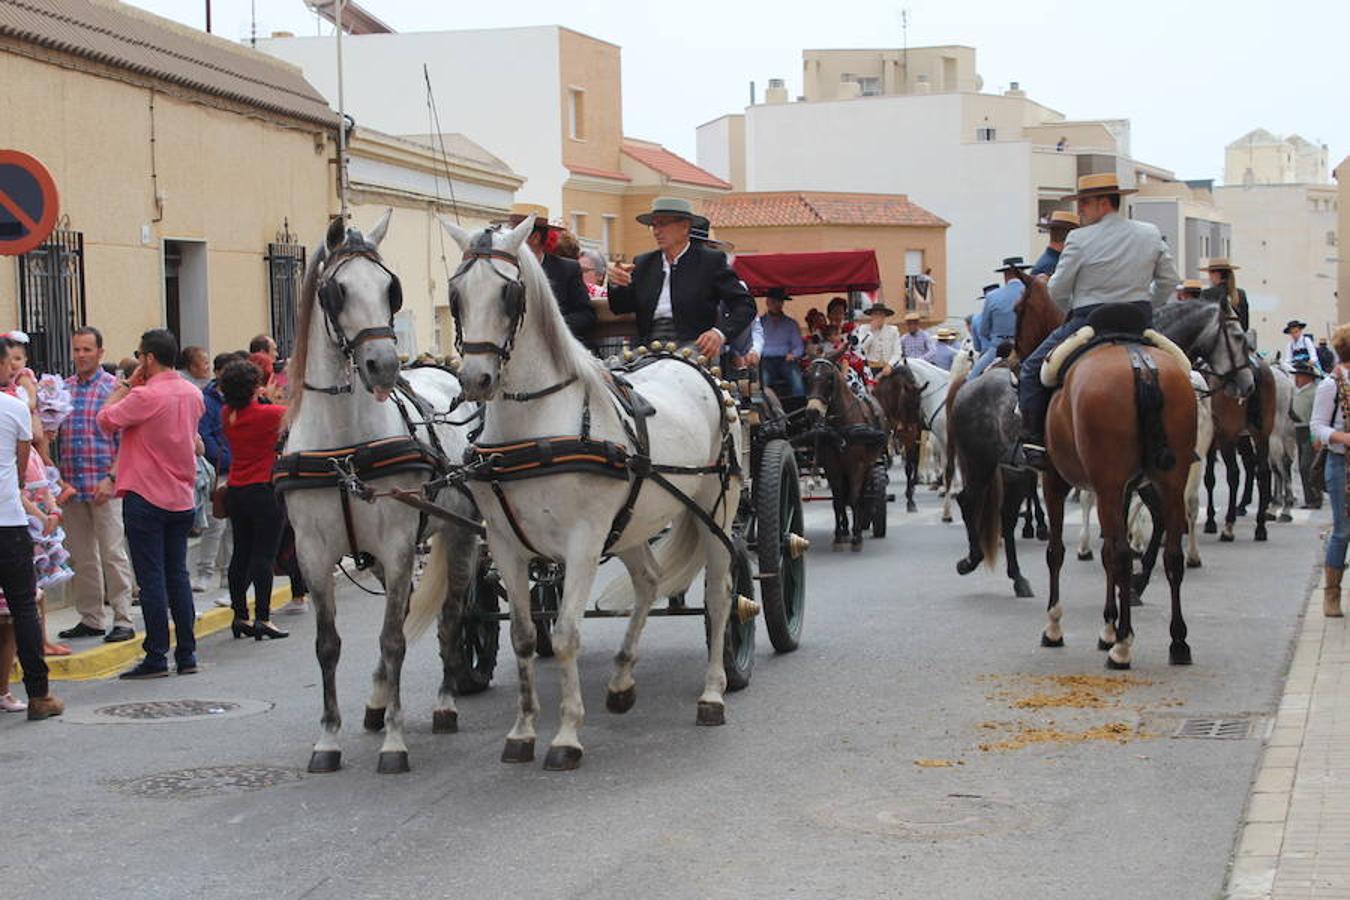 Música, risas y buen ambiente en la procesión romería de San Marcos en El Ejido